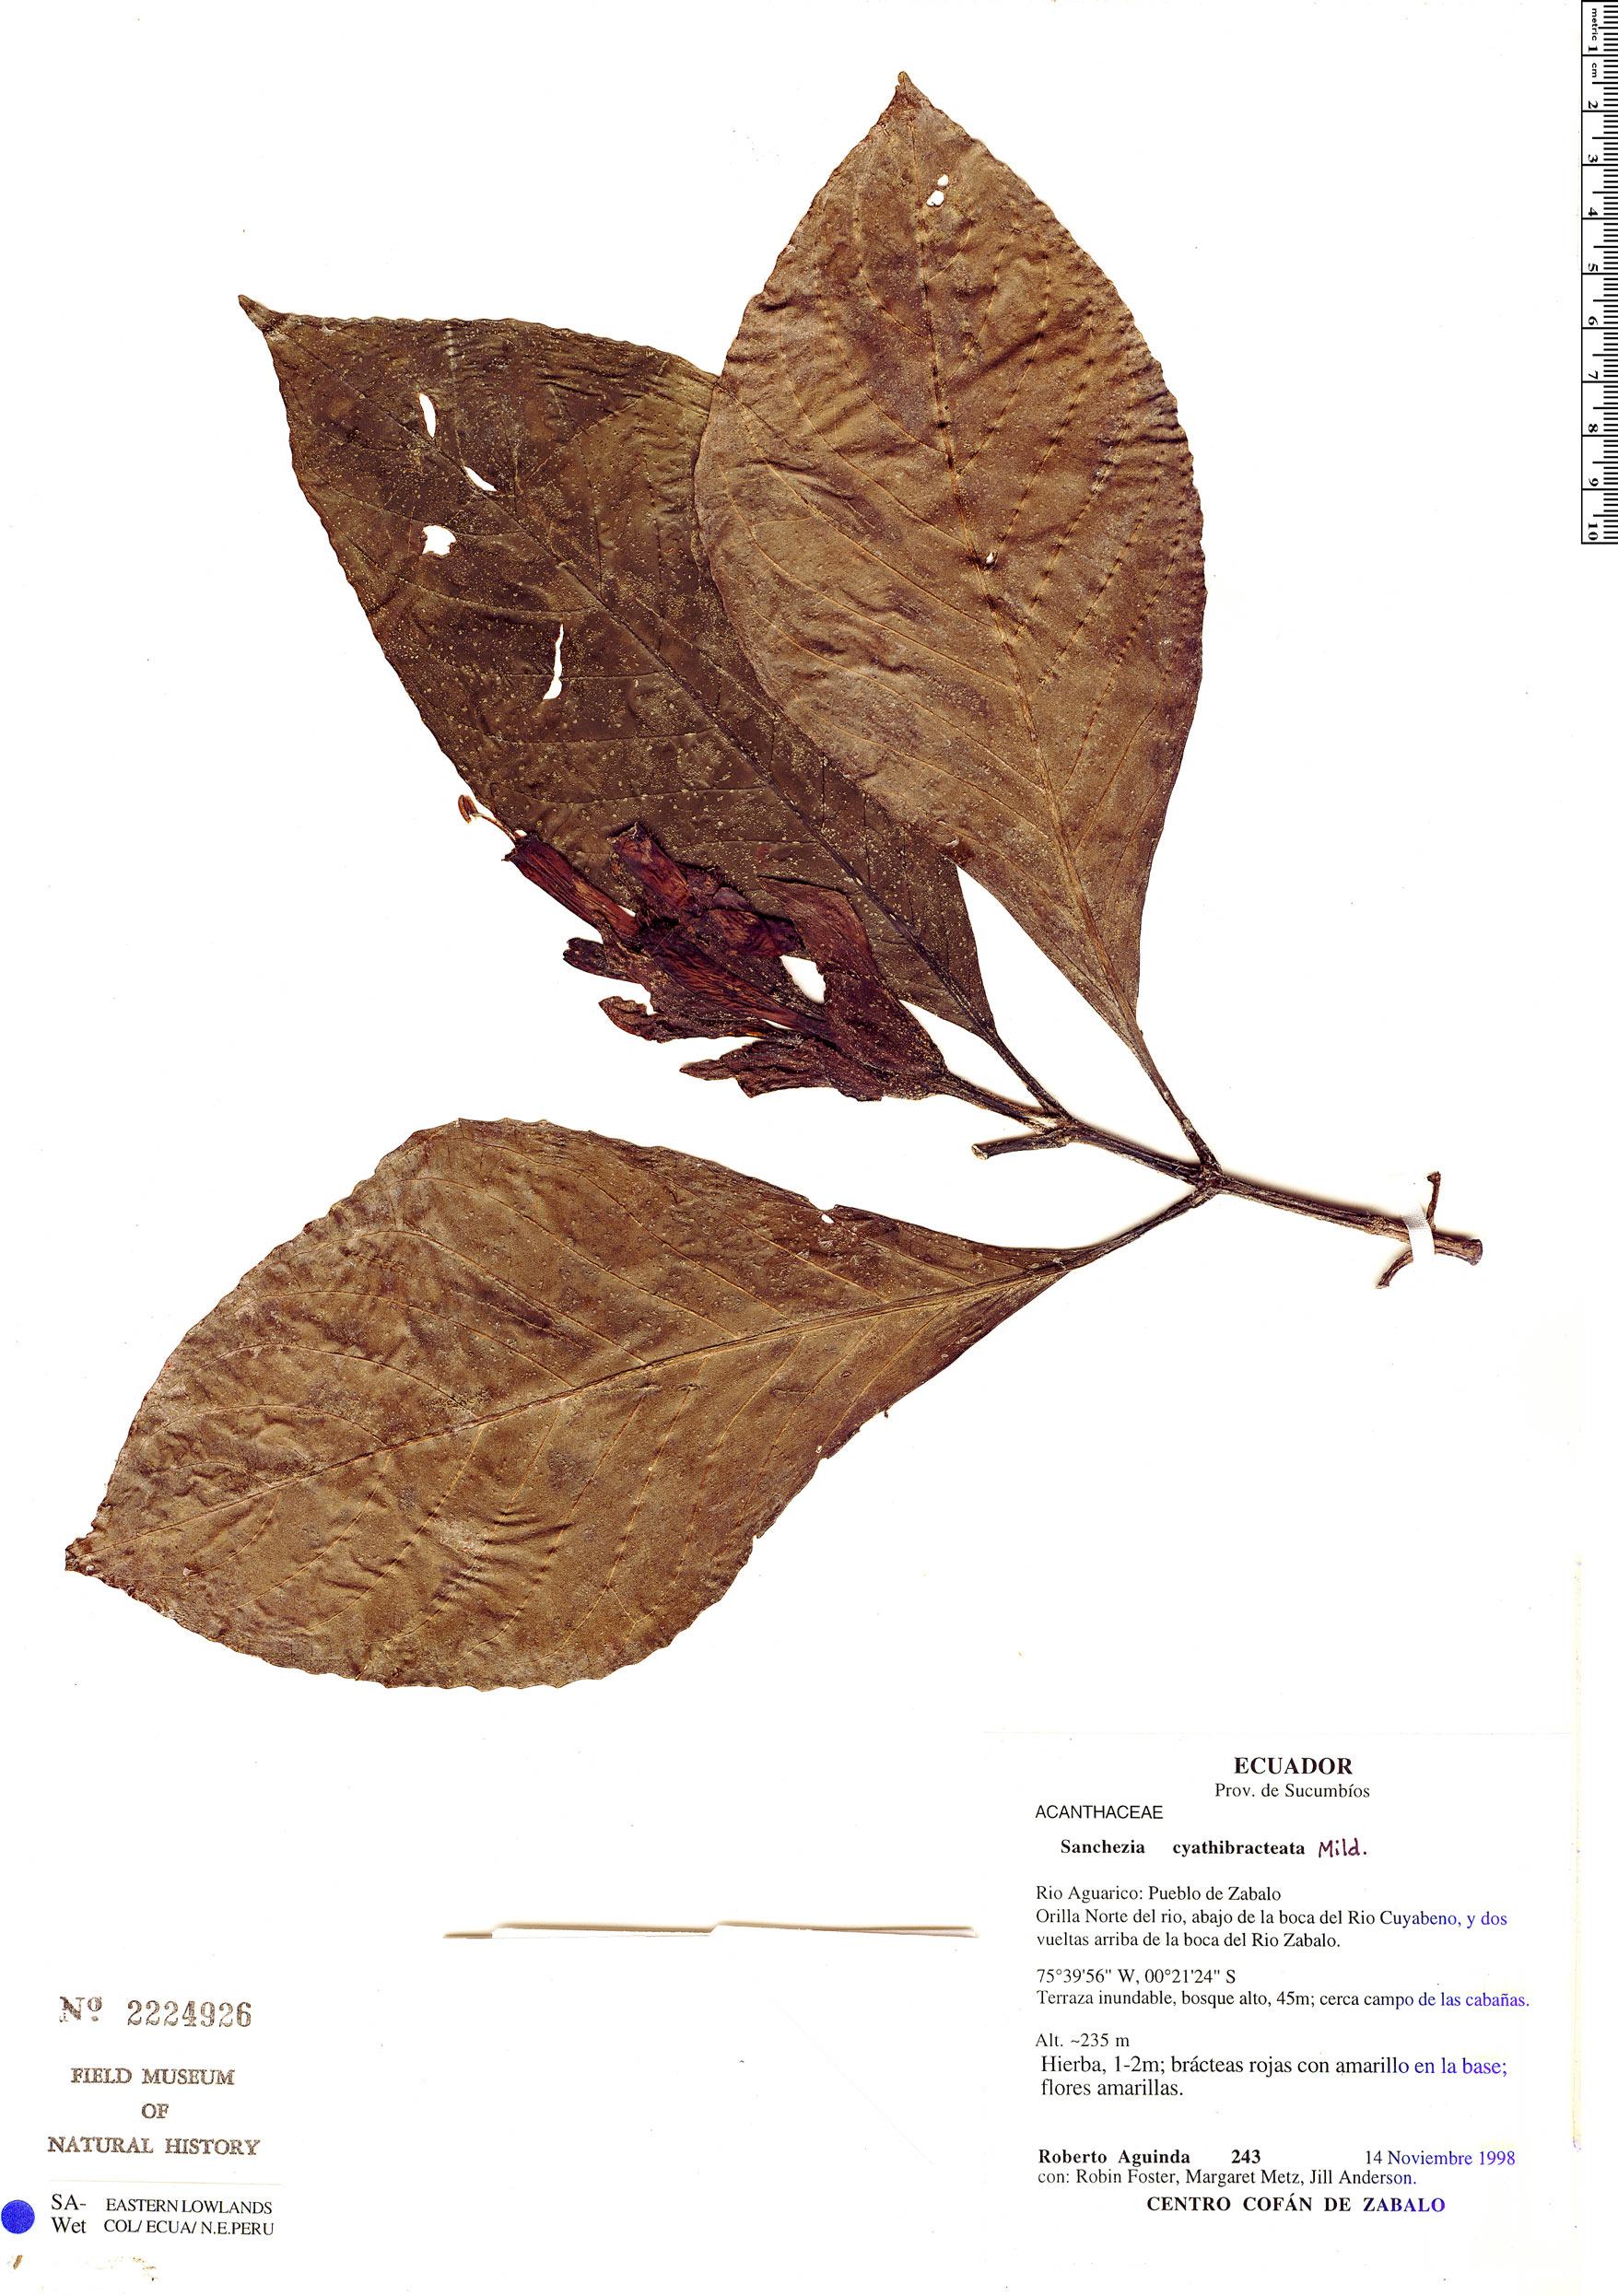 Espécime: Sanchezia macrocnemis